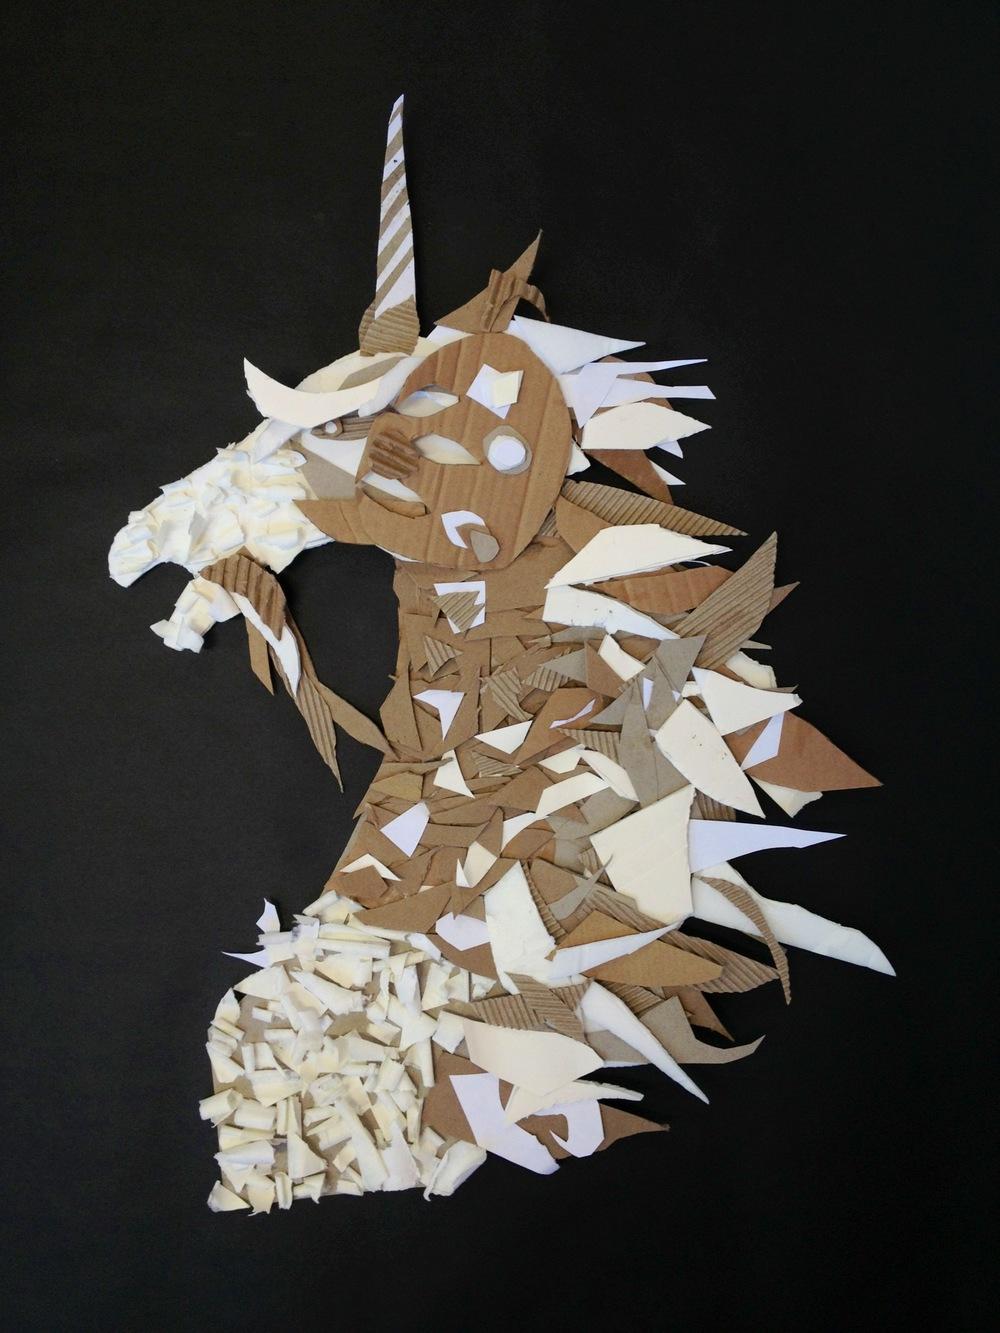 unicorn by delaney hoving